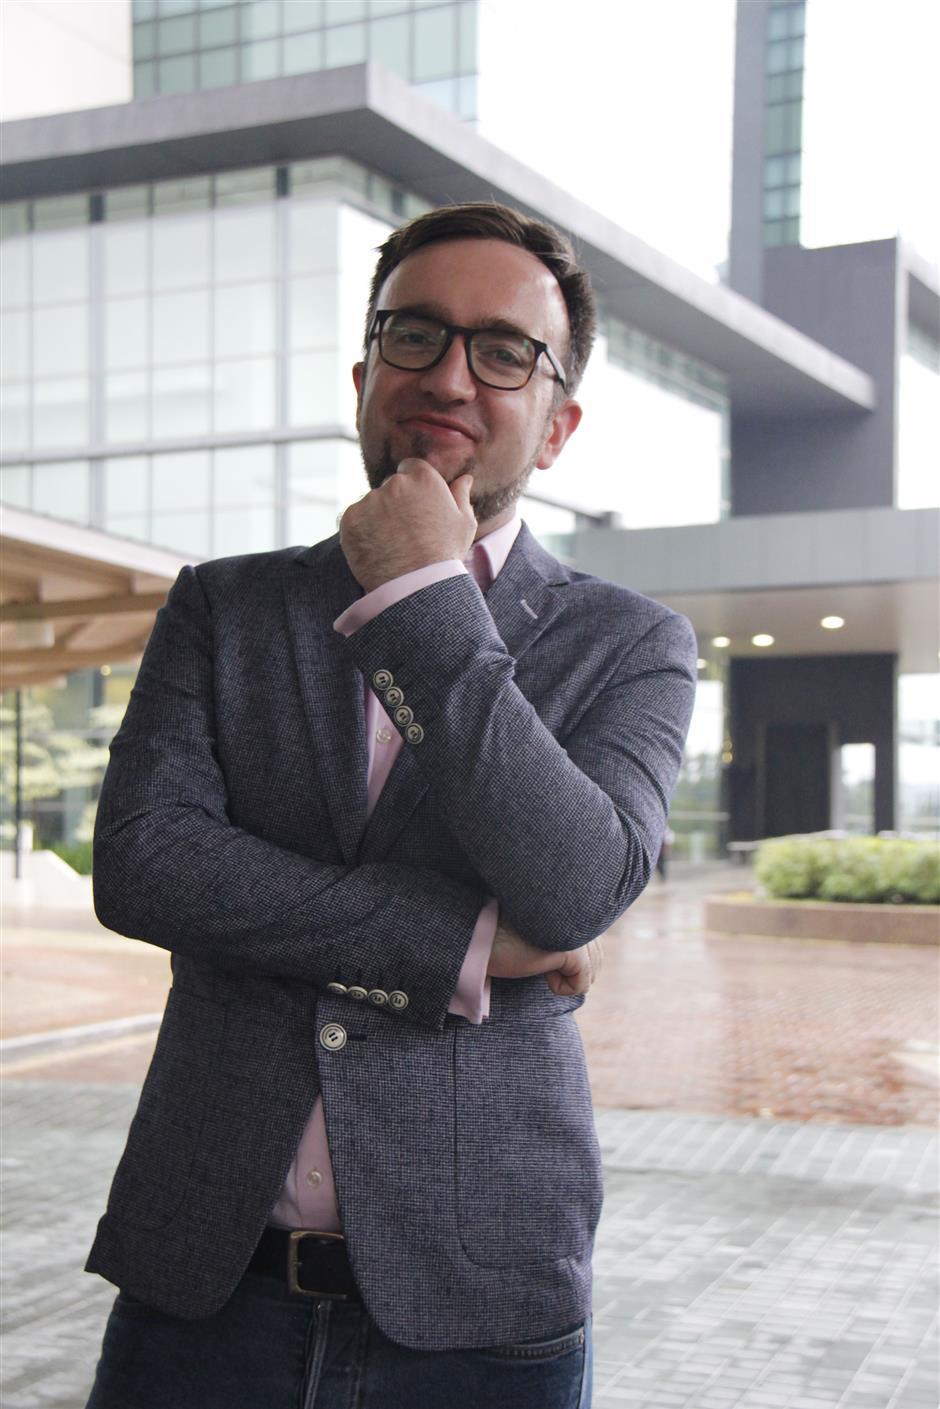 Luxtag CEO Rene Bernard